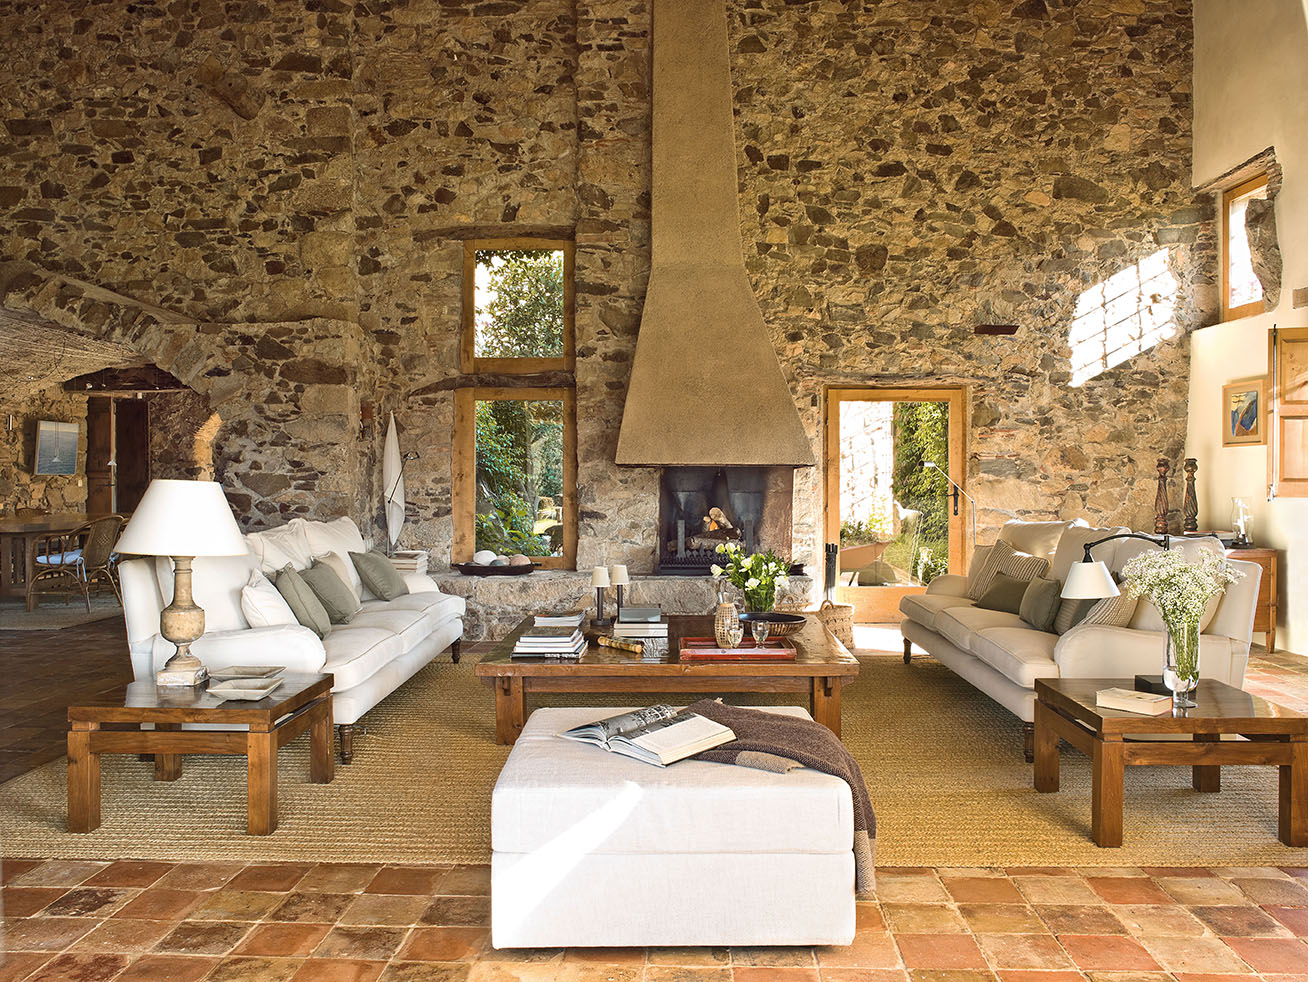 Una preciosa mas a r stica centenaria en el empord - Interiores casas rusticas ...